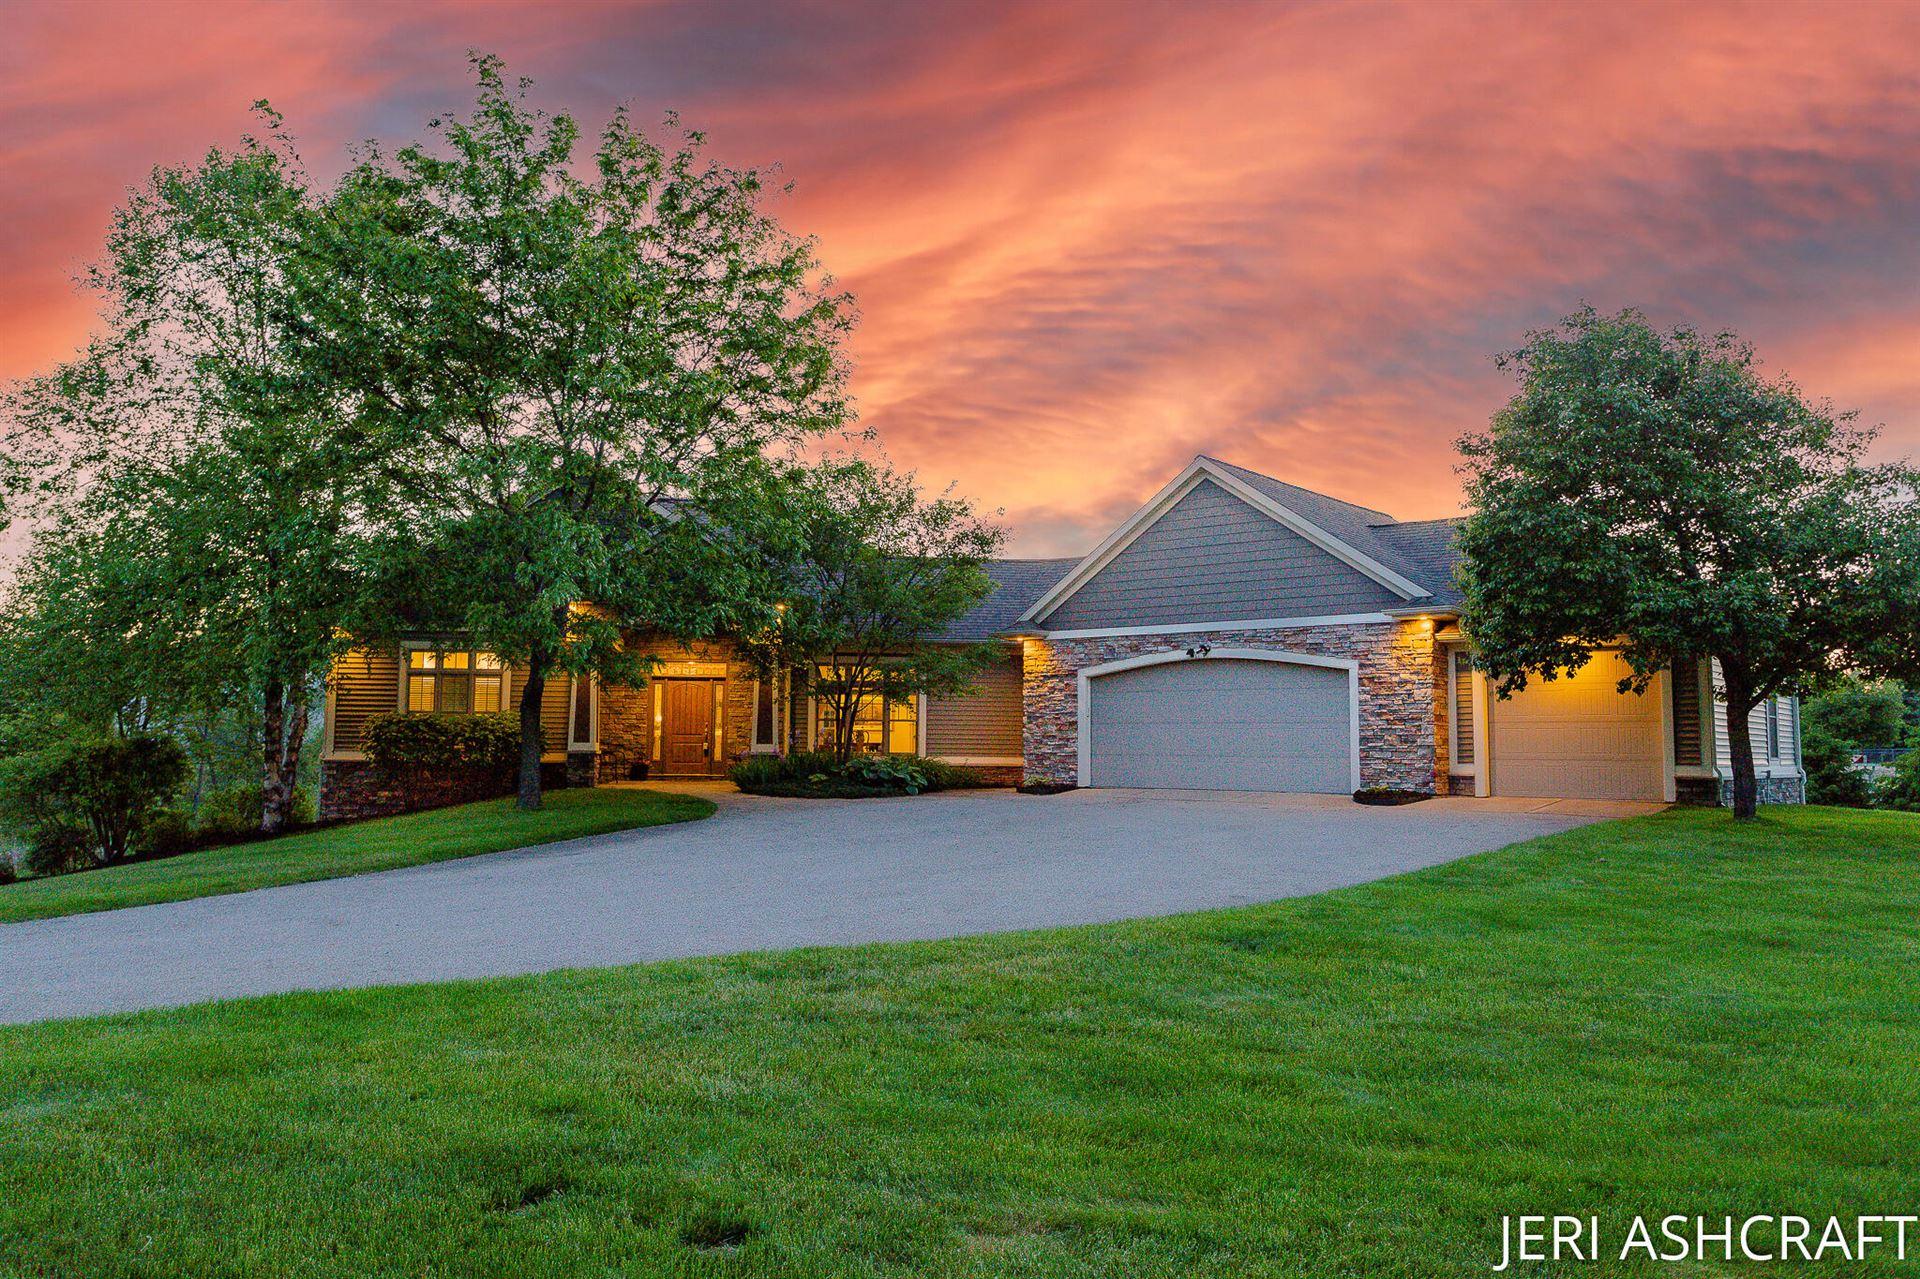 Photo of 7985 Silver Hills Drive NE, Rockford, MI 49341 (MLS # 21020532)